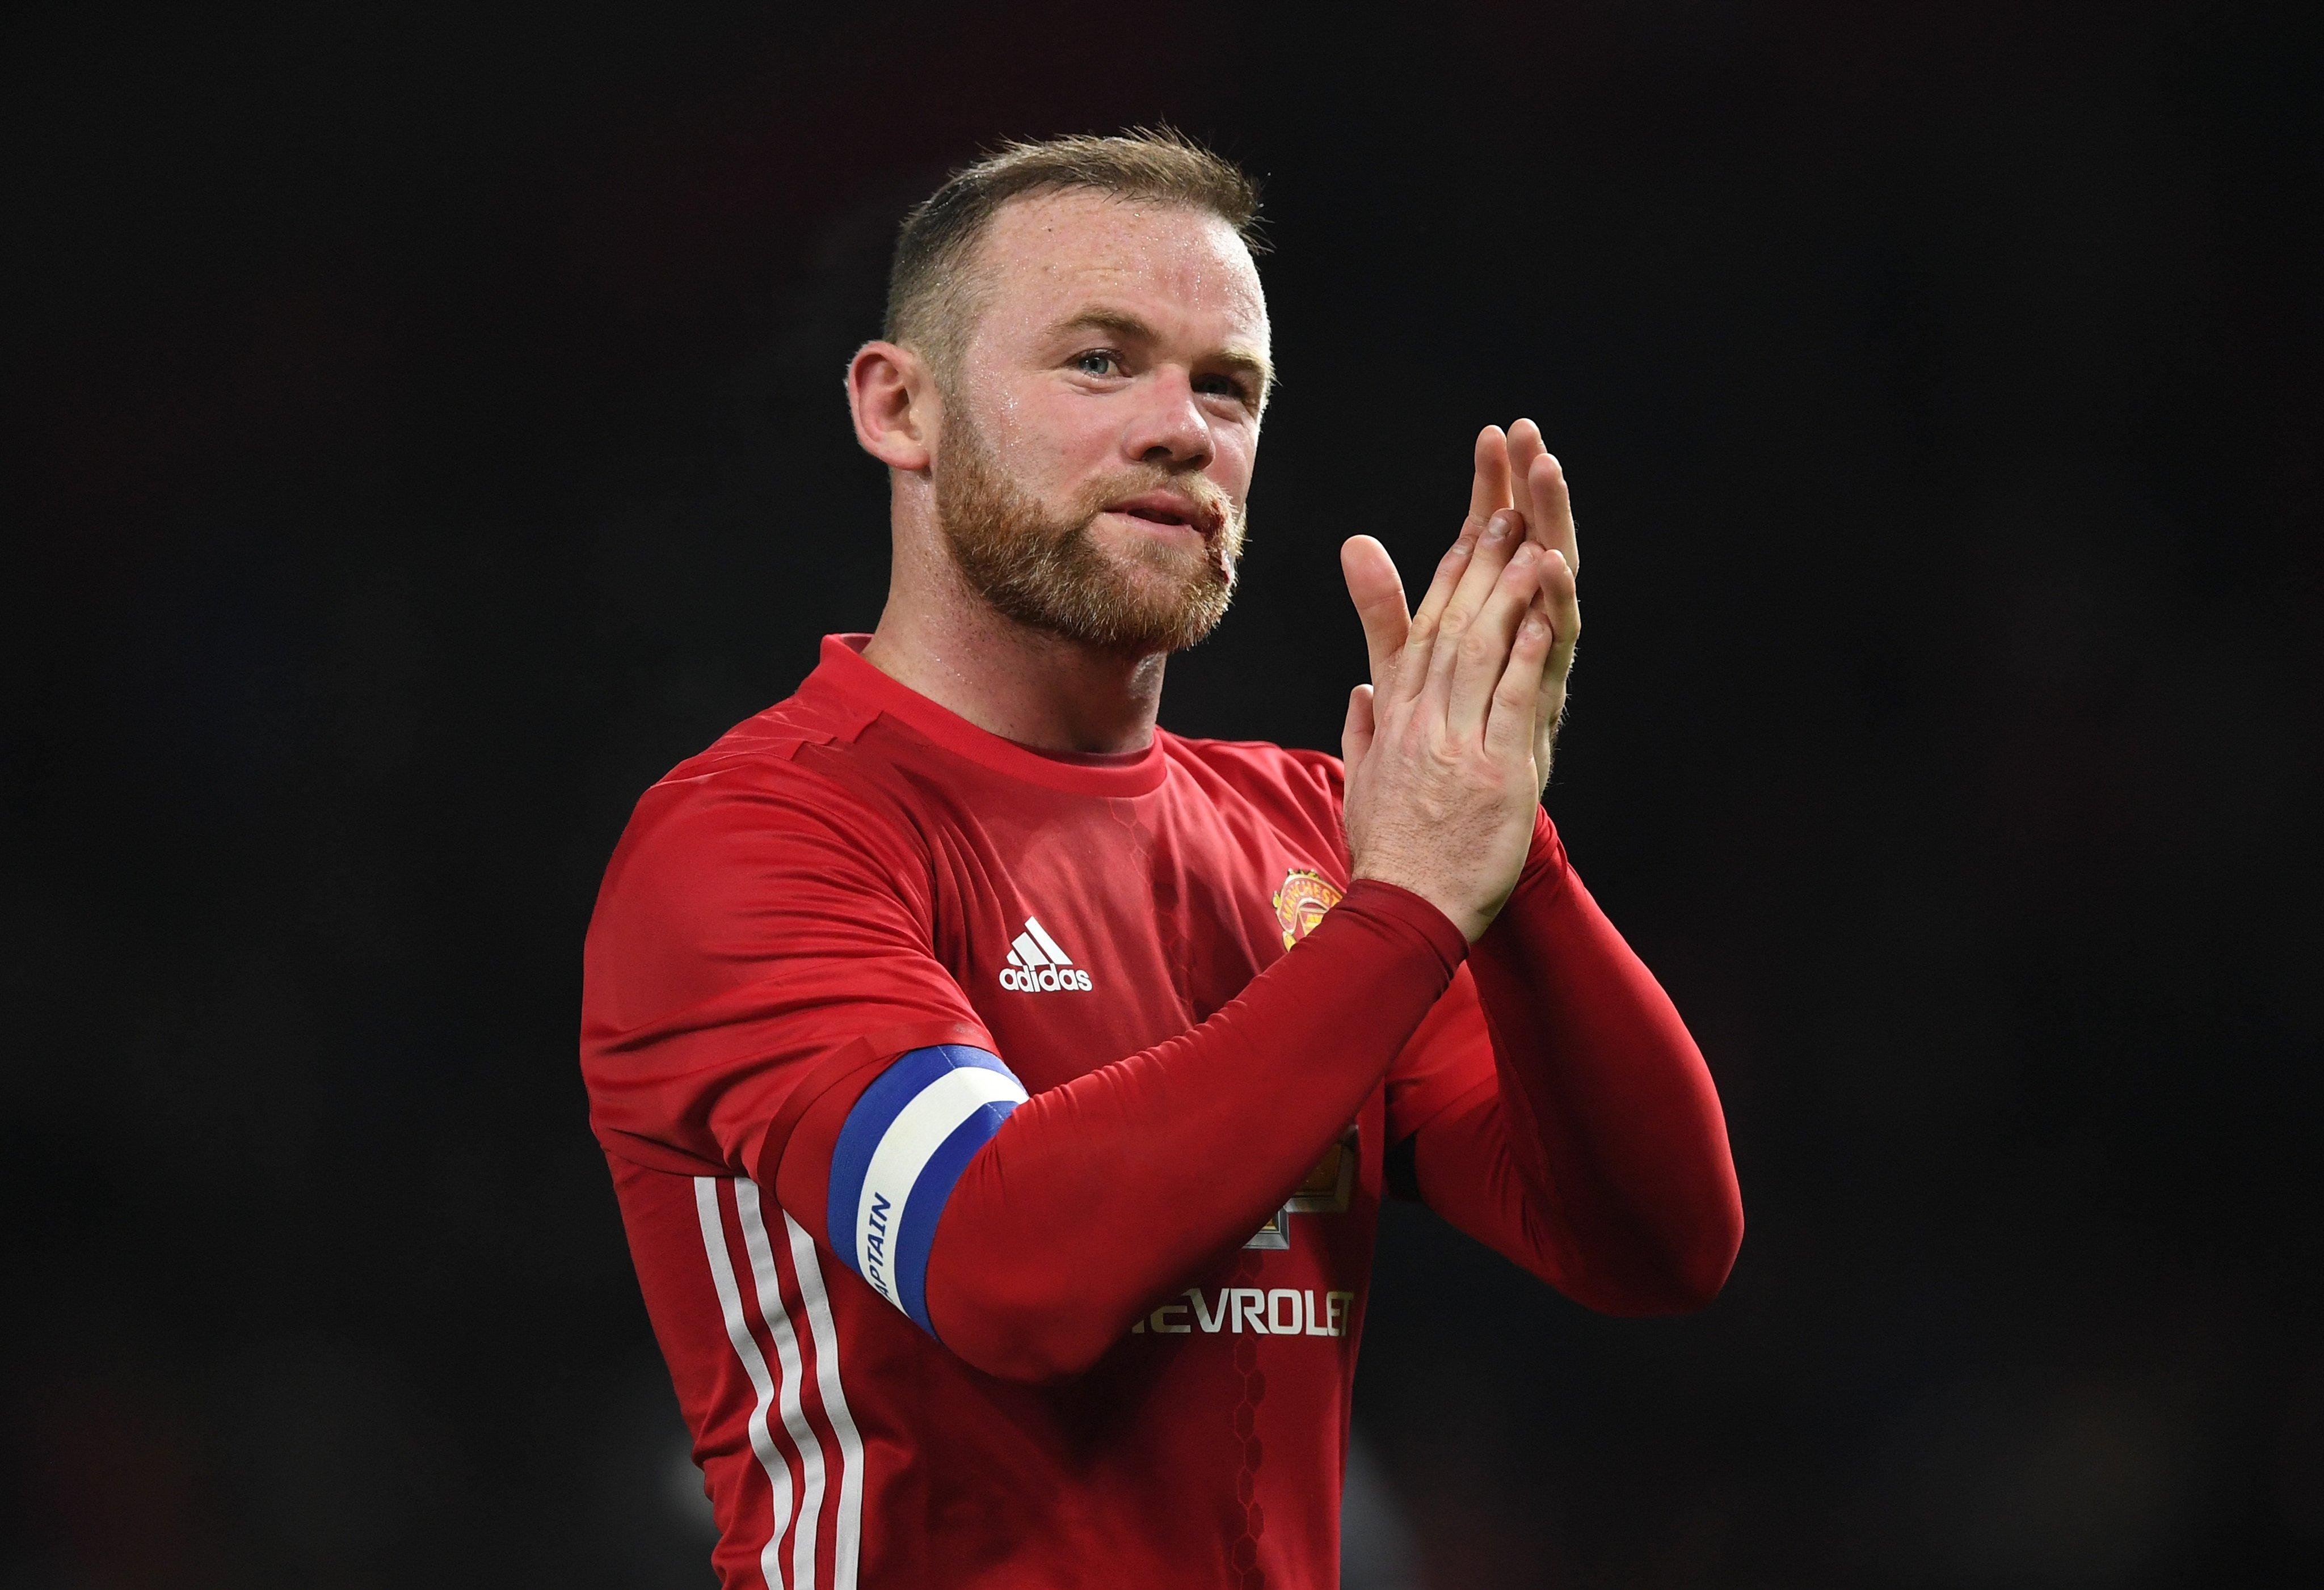 El histórico delantero inglés empezará su carrera como director técnico